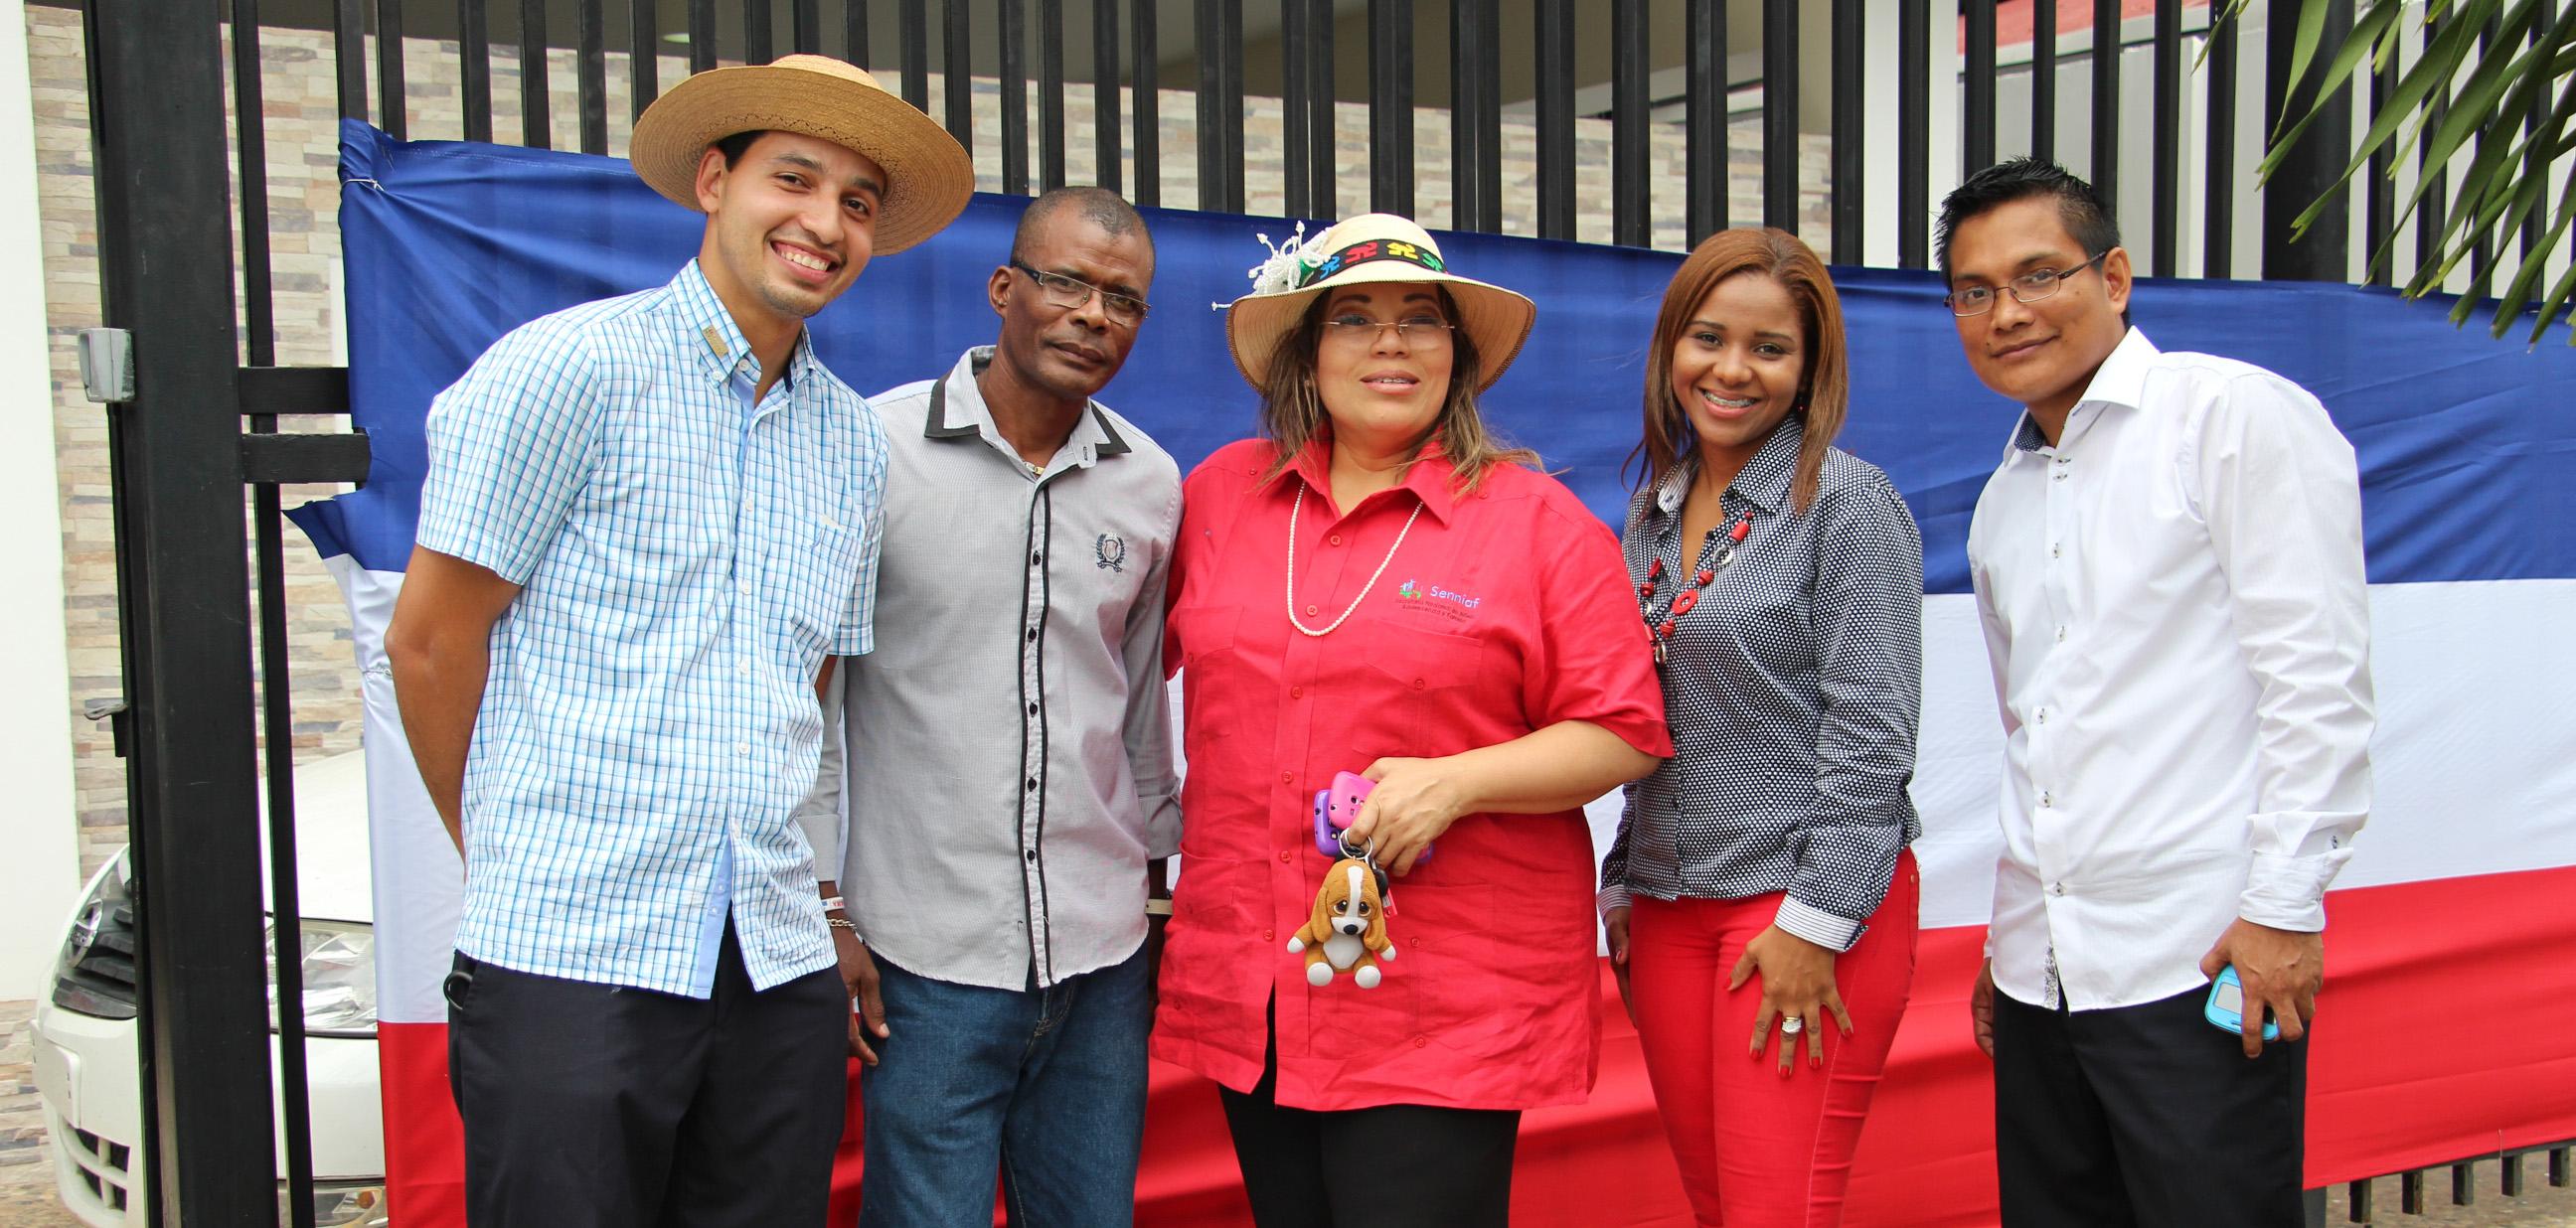 Visita a 'El Hogarcito' en Asunción, Paraguay